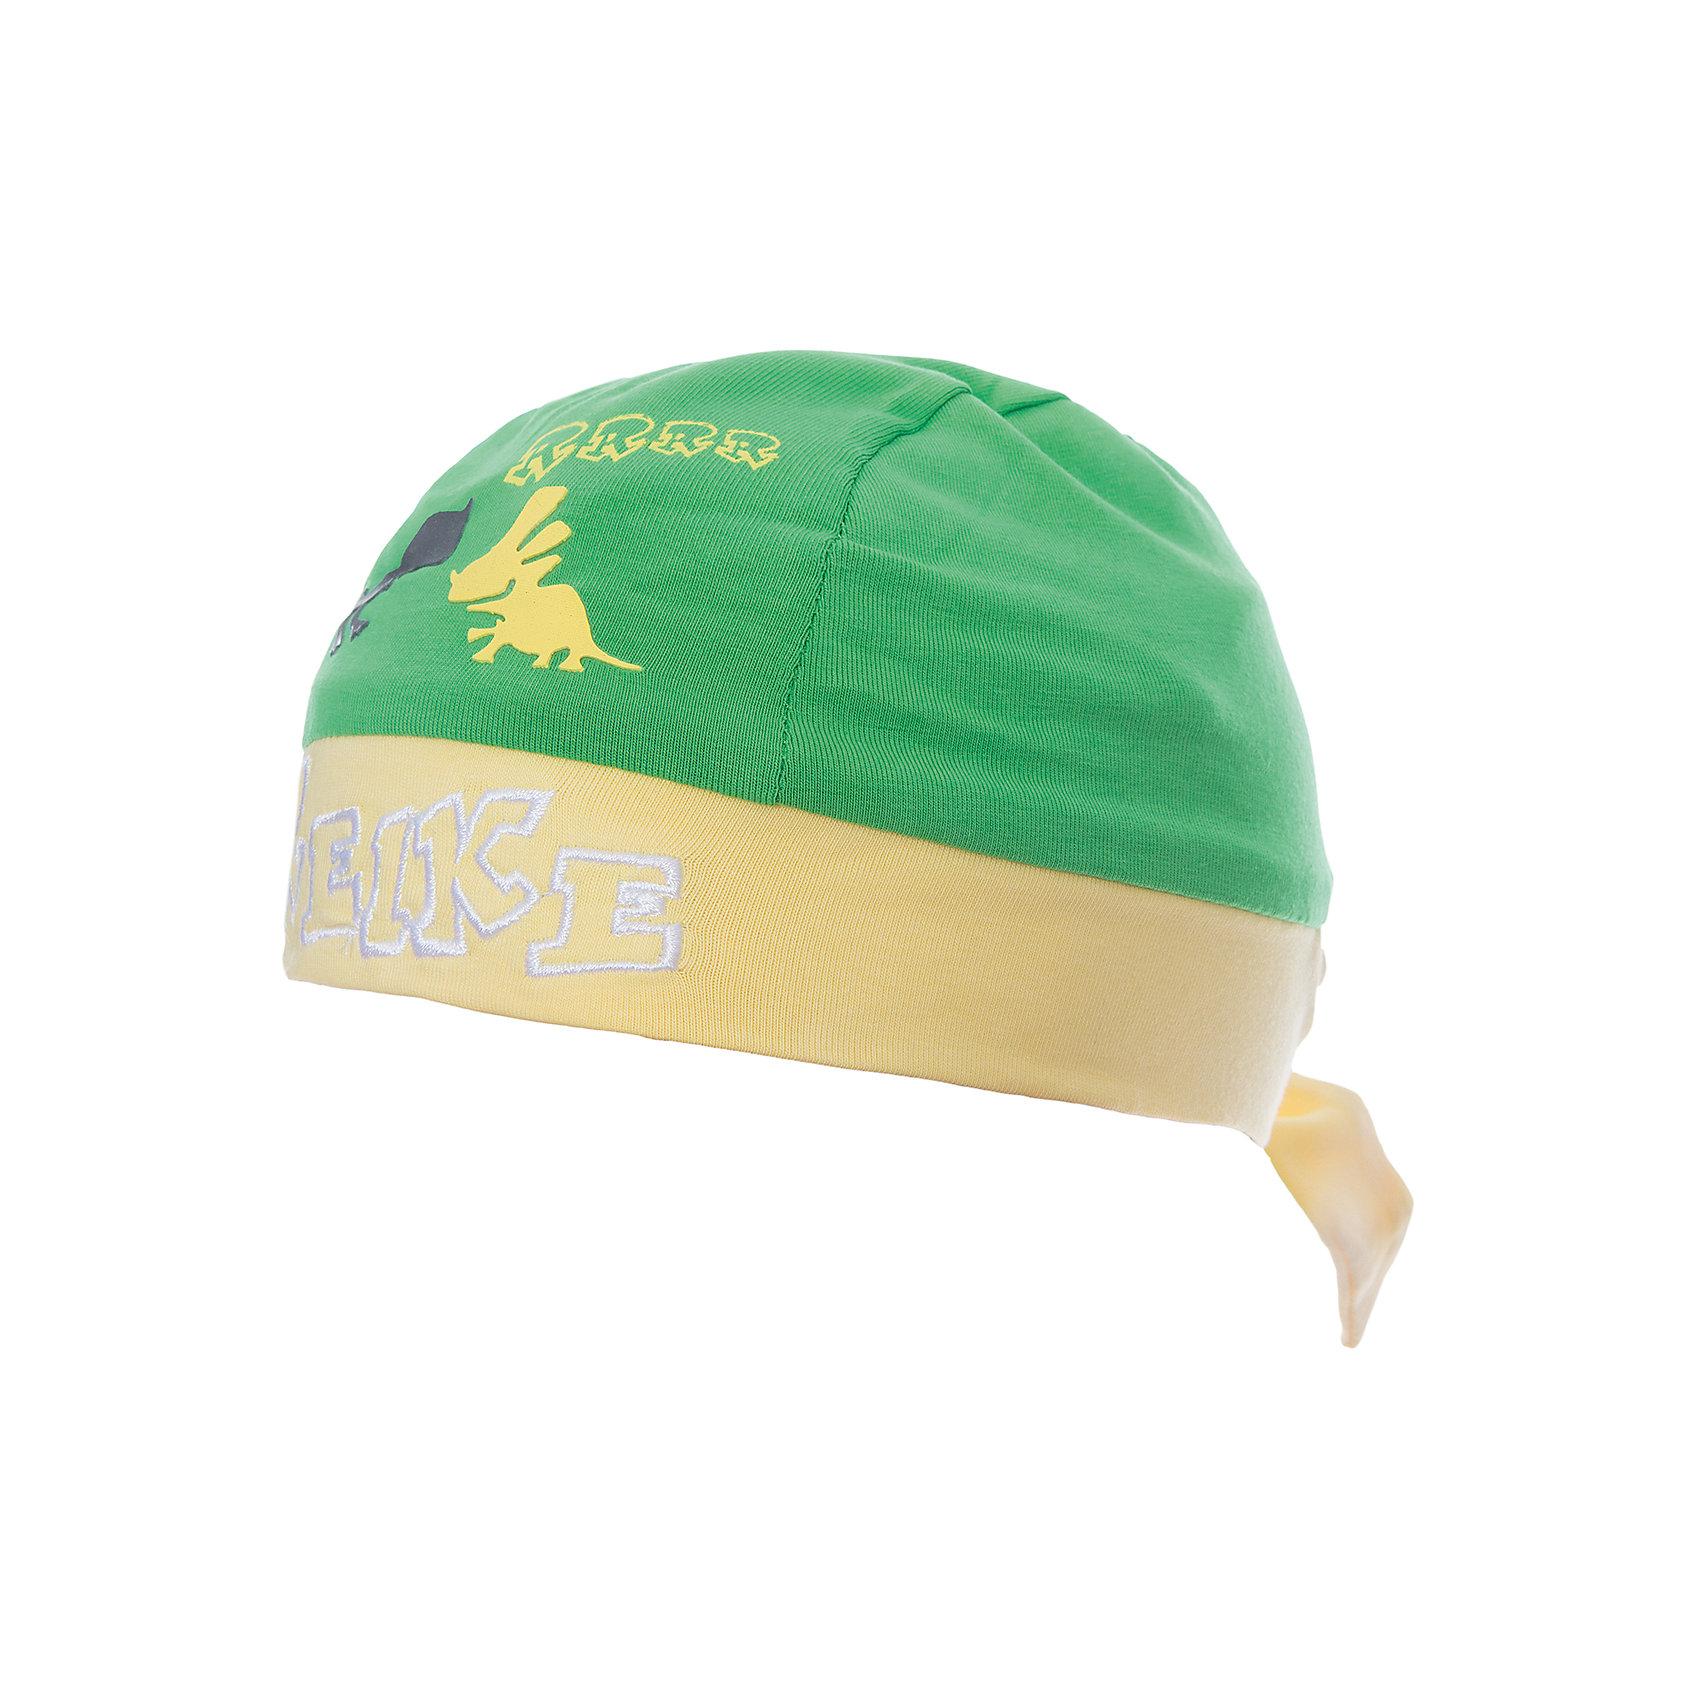 Бандана Reike для мальчикаШапки и шарфы<br>Характеристики товара:<br><br>• цвет: зелёный/жёлтый<br>• состав: 100% хлопок<br>• декорирована принтом и вышивкой<br>• мягкий материал<br>• страна бренда: Финляндия<br><br>Новая коллекция от известного финского производителя Reike отличается ярким дизайном, продуманностью и комфортом! Эта модель разработана специально для детей - она учитывает особенности их физиологии, а также новые тенденции в европейской моде. Она отлично сочетается с обувью разных цветов и фасонов. Стильная и удобная вещь!<br><br>Бандану для мальчика от популярного бренда Reike можно купить в нашем интернет-магазине.<br><br>Ширина мм: 89<br>Глубина мм: 117<br>Высота мм: 44<br>Вес г: 155<br>Цвет: голубой<br>Возраст от месяцев: 12<br>Возраст до месяцев: 18<br>Пол: Мужской<br>Возраст: Детский<br>Размер: 48,44,46<br>SKU: 5430160